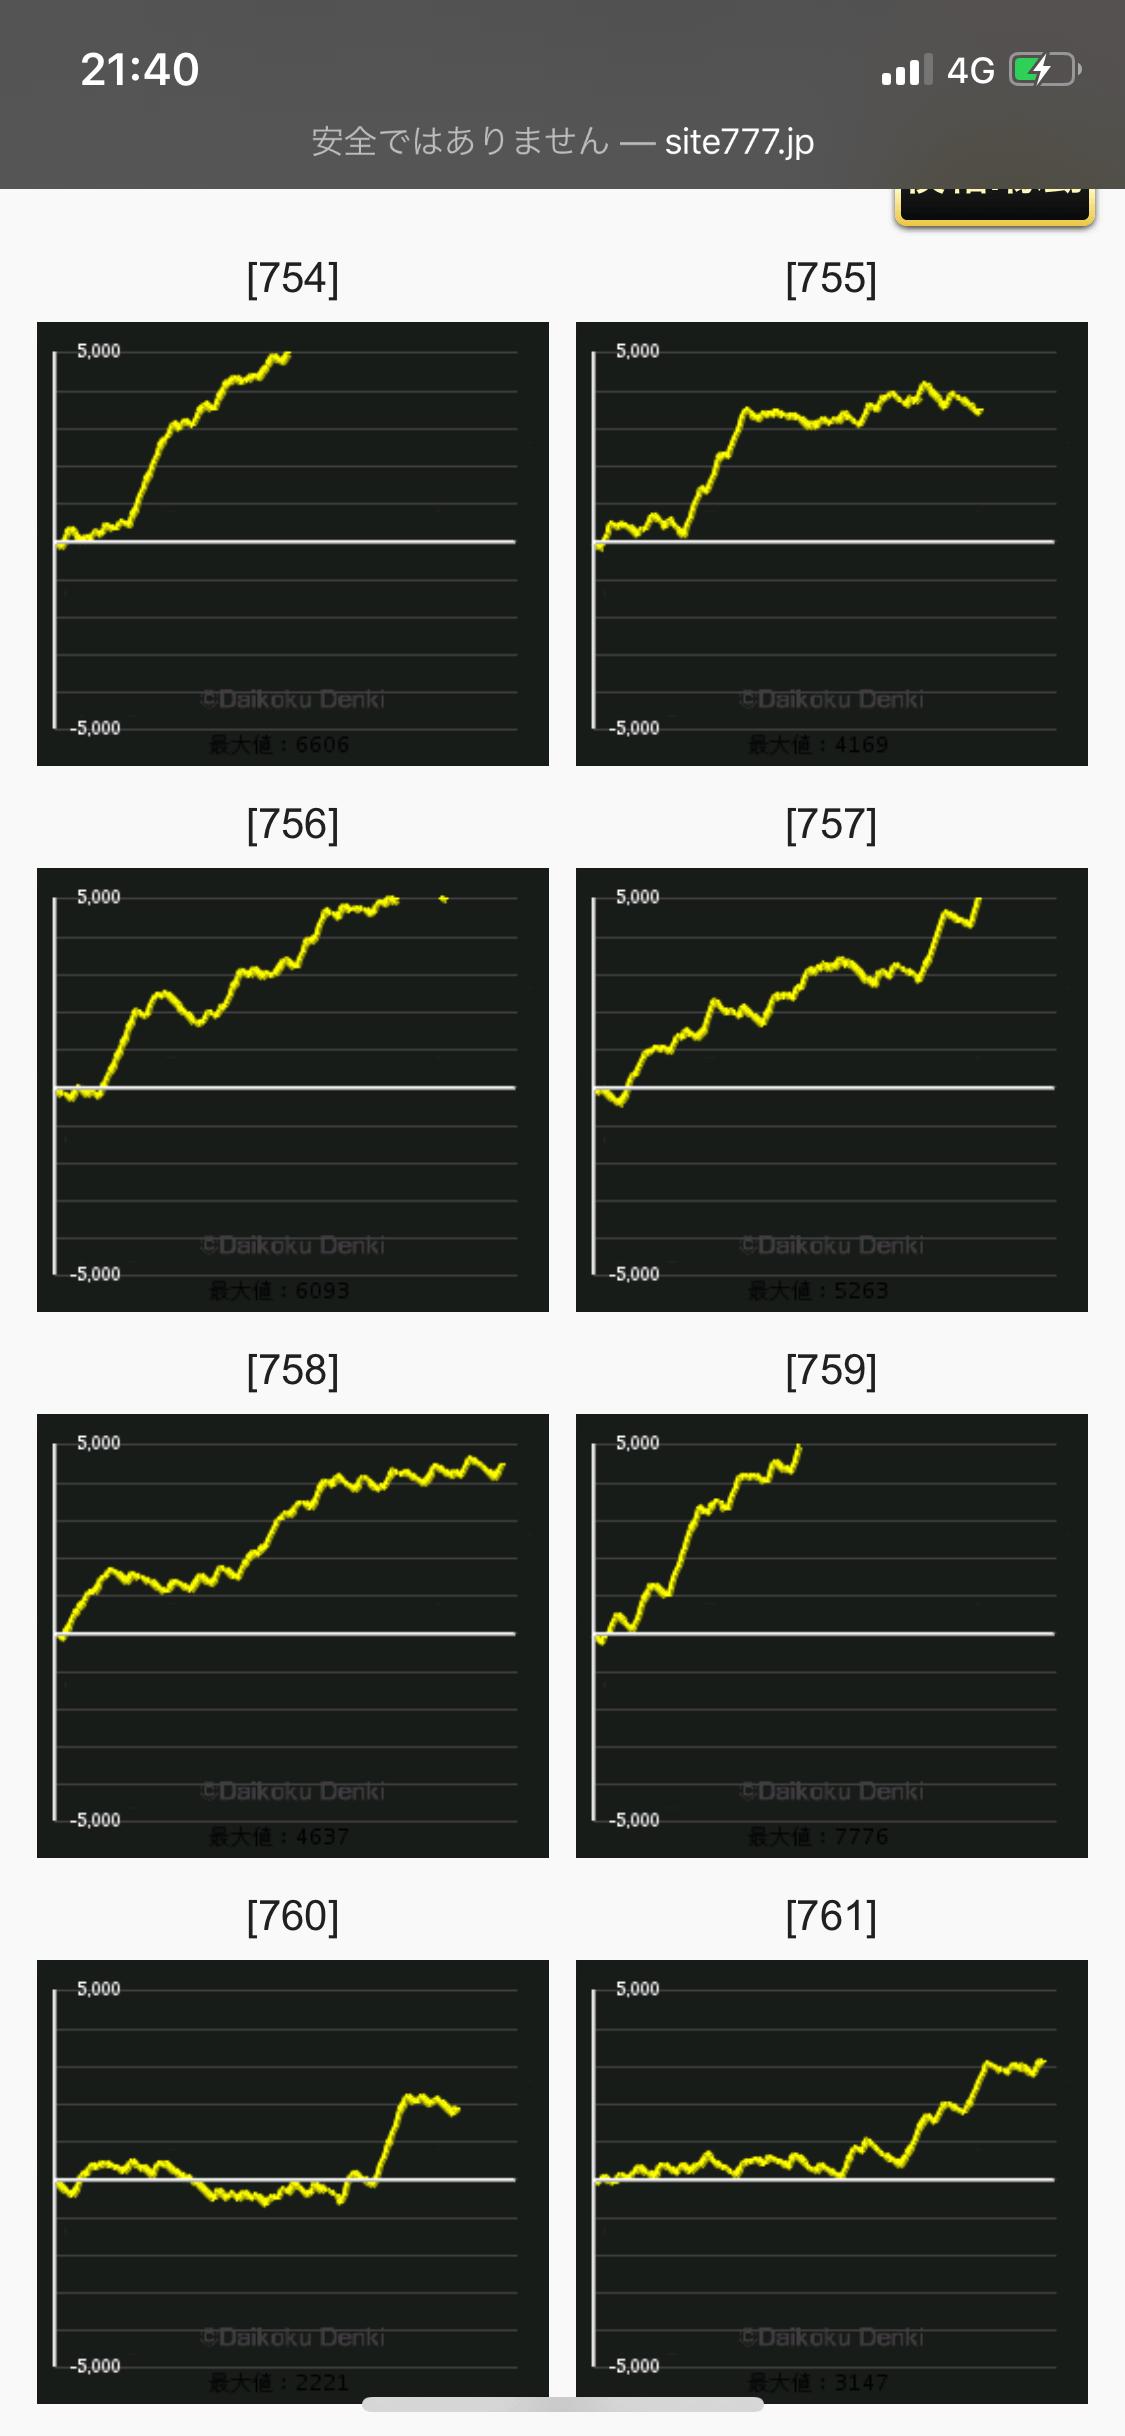 バジリスク絆2 全6グラフ1